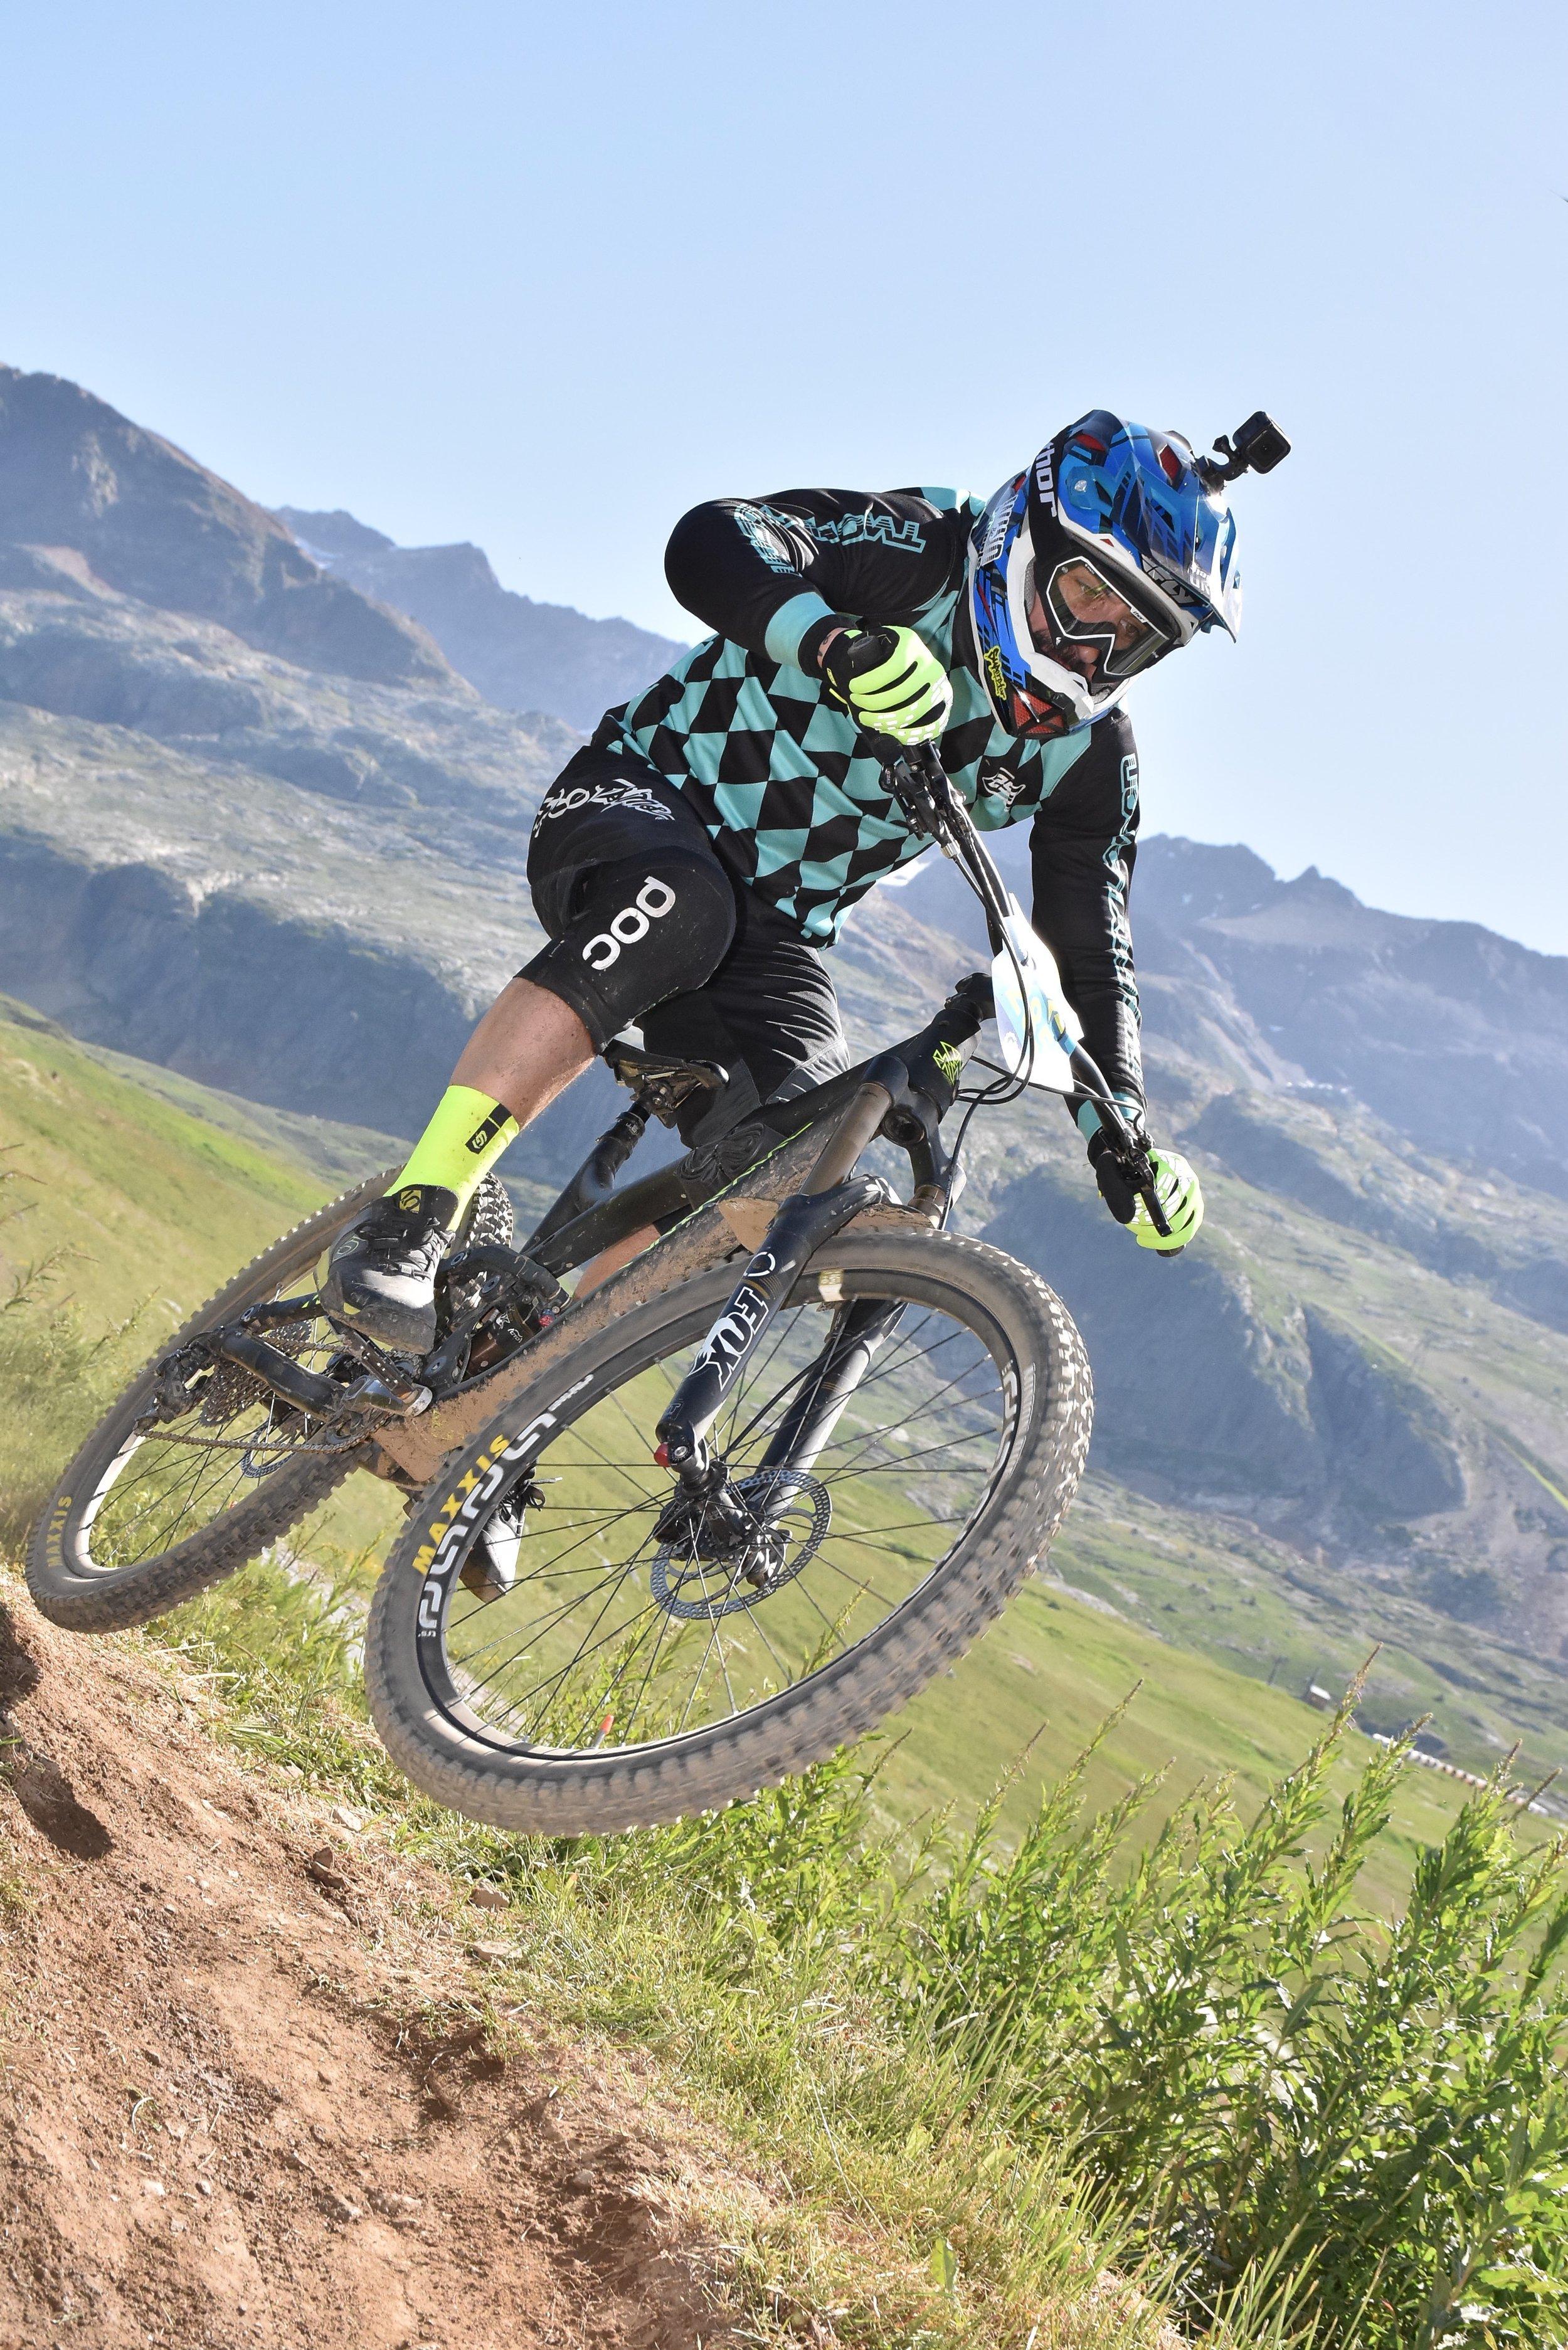 DANIEL MARTINEZ, The Megavalanche Alpe d'Huez 2017